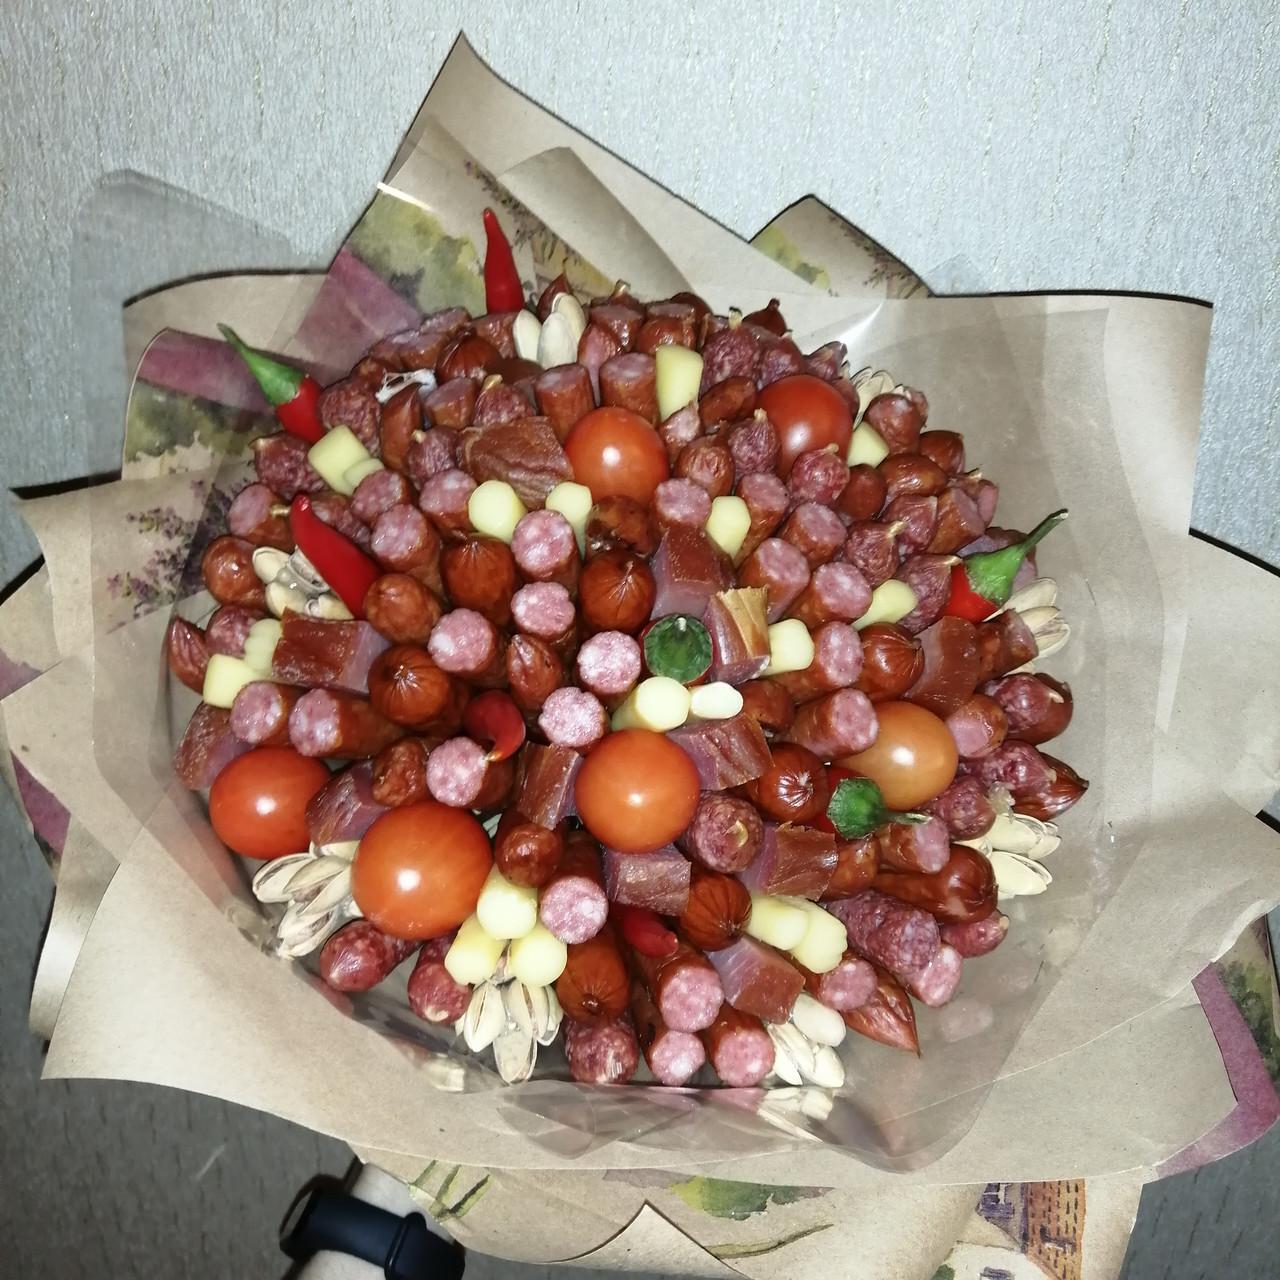 Мужской букет съедобный вкусный поздравительный подарочный безалкогольный Колбасный